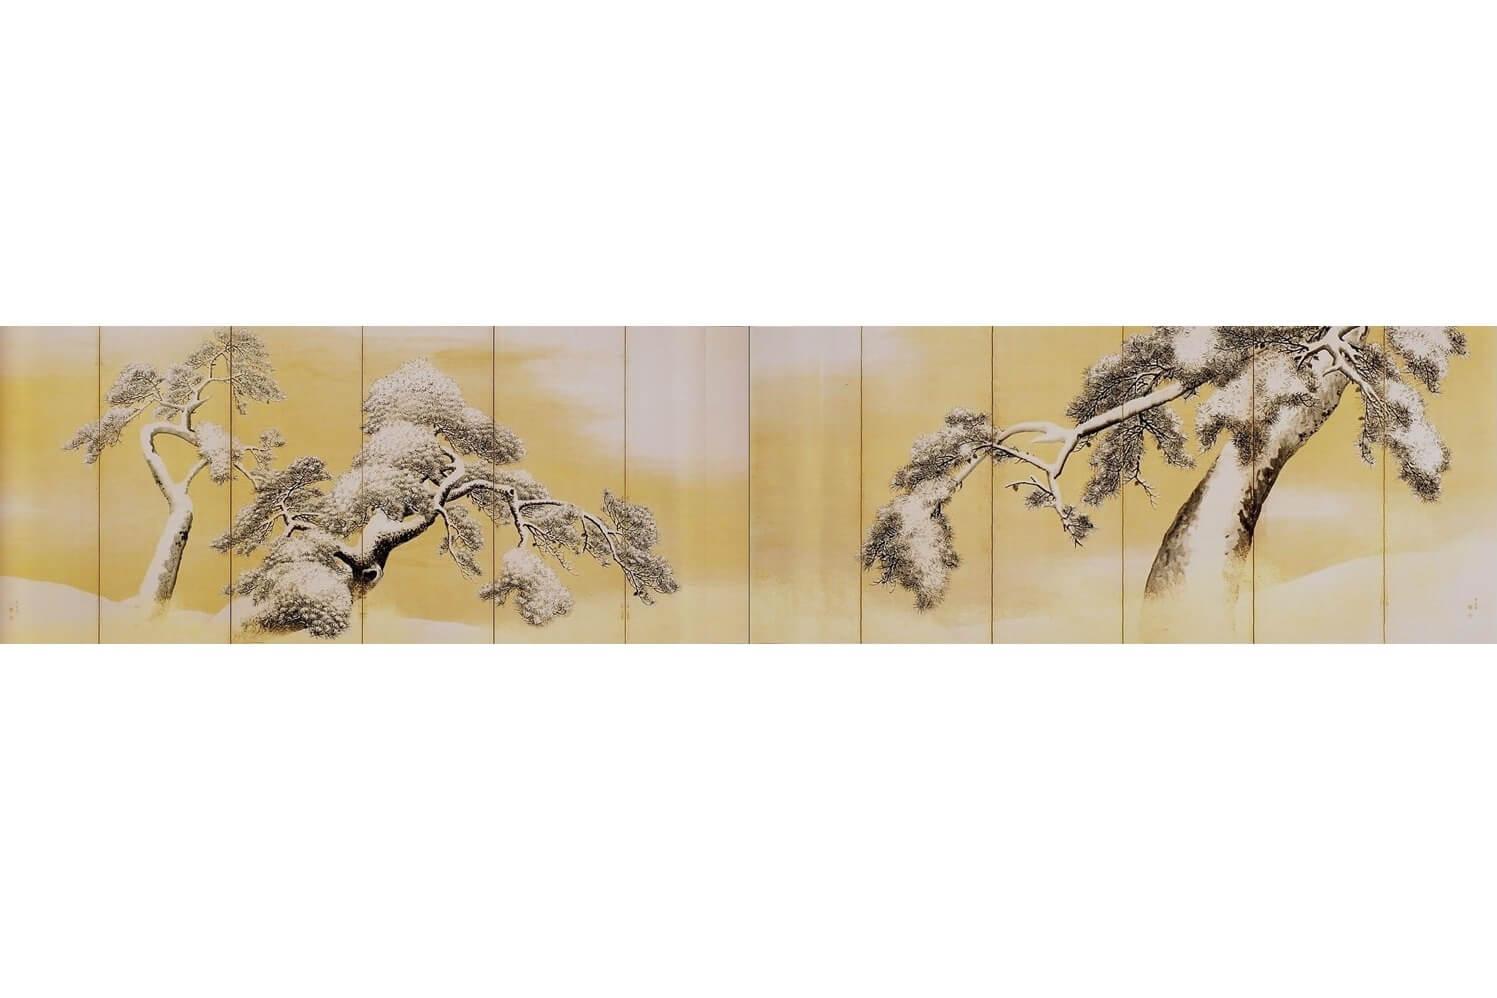 円山応挙 雪松図屏風 (国宝)三井記念美術館